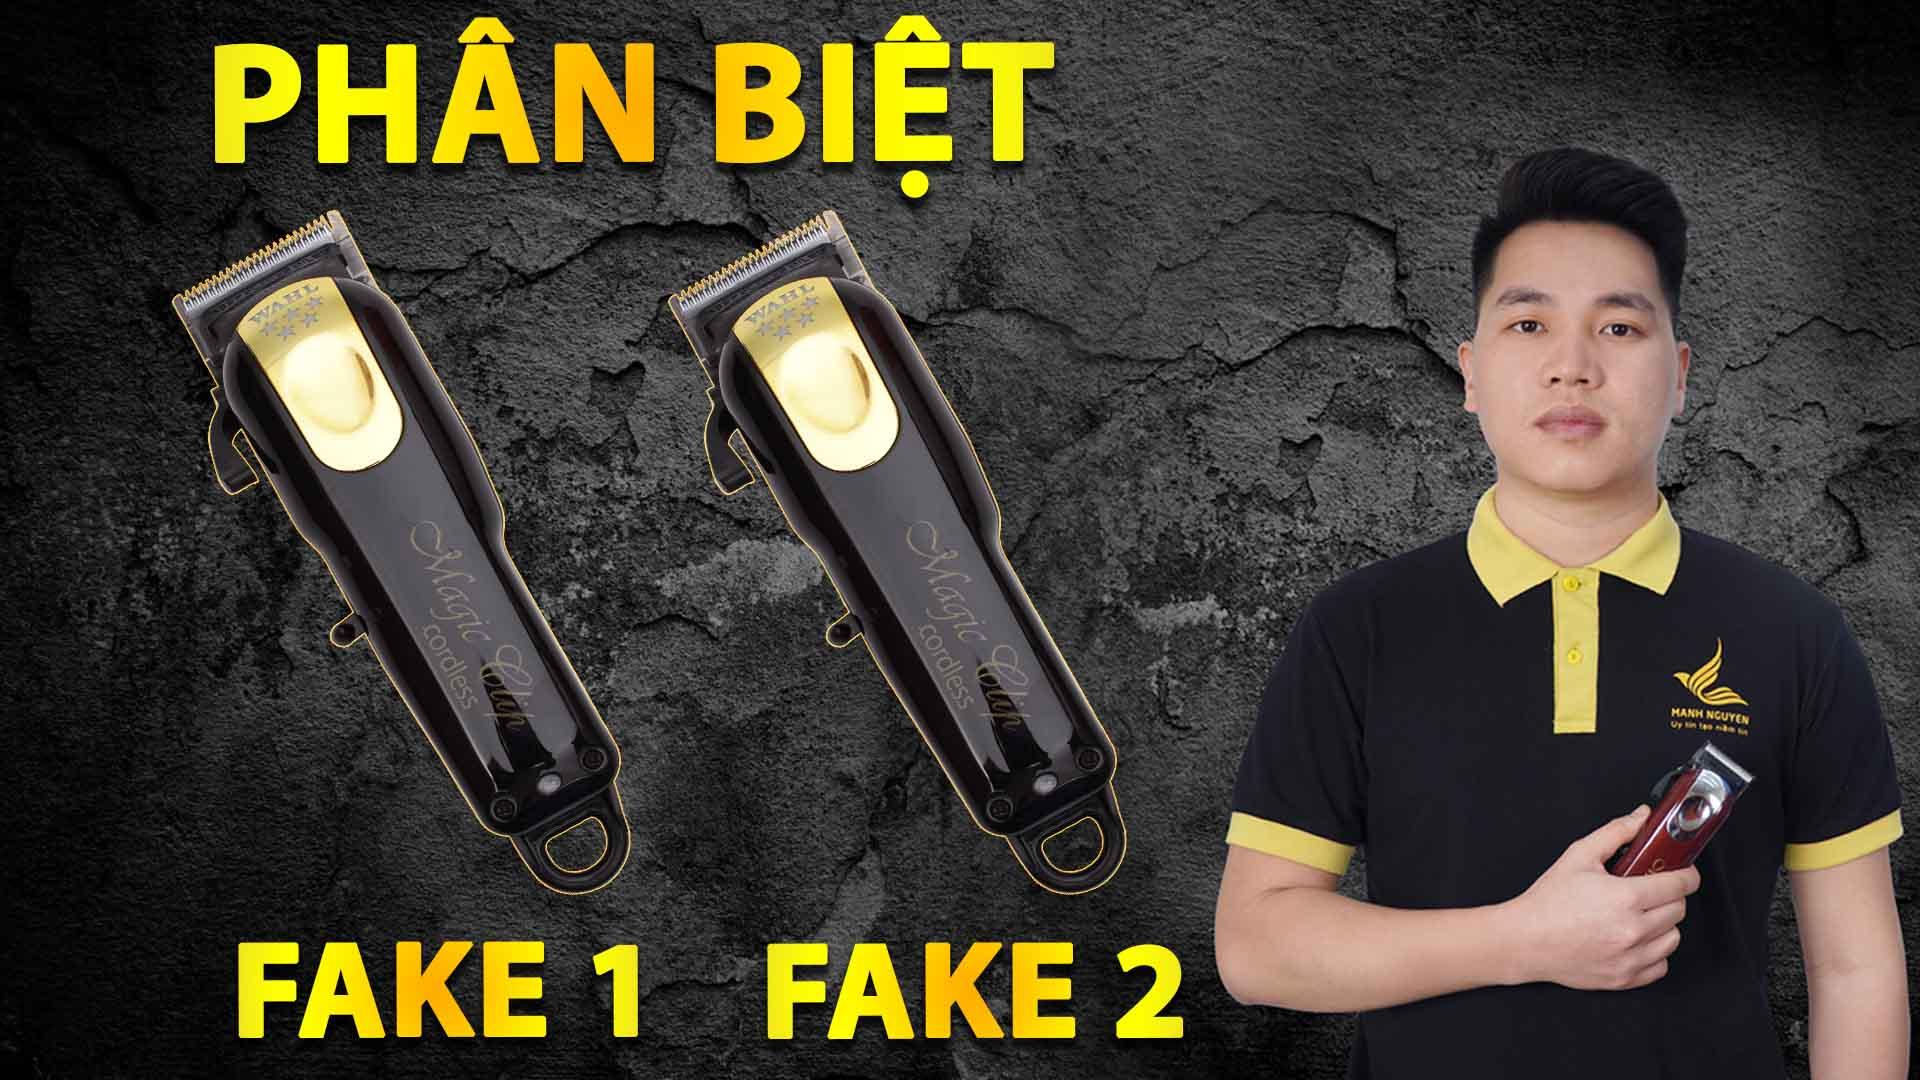 phan biet tong magic fake1 va fake 2 (1)